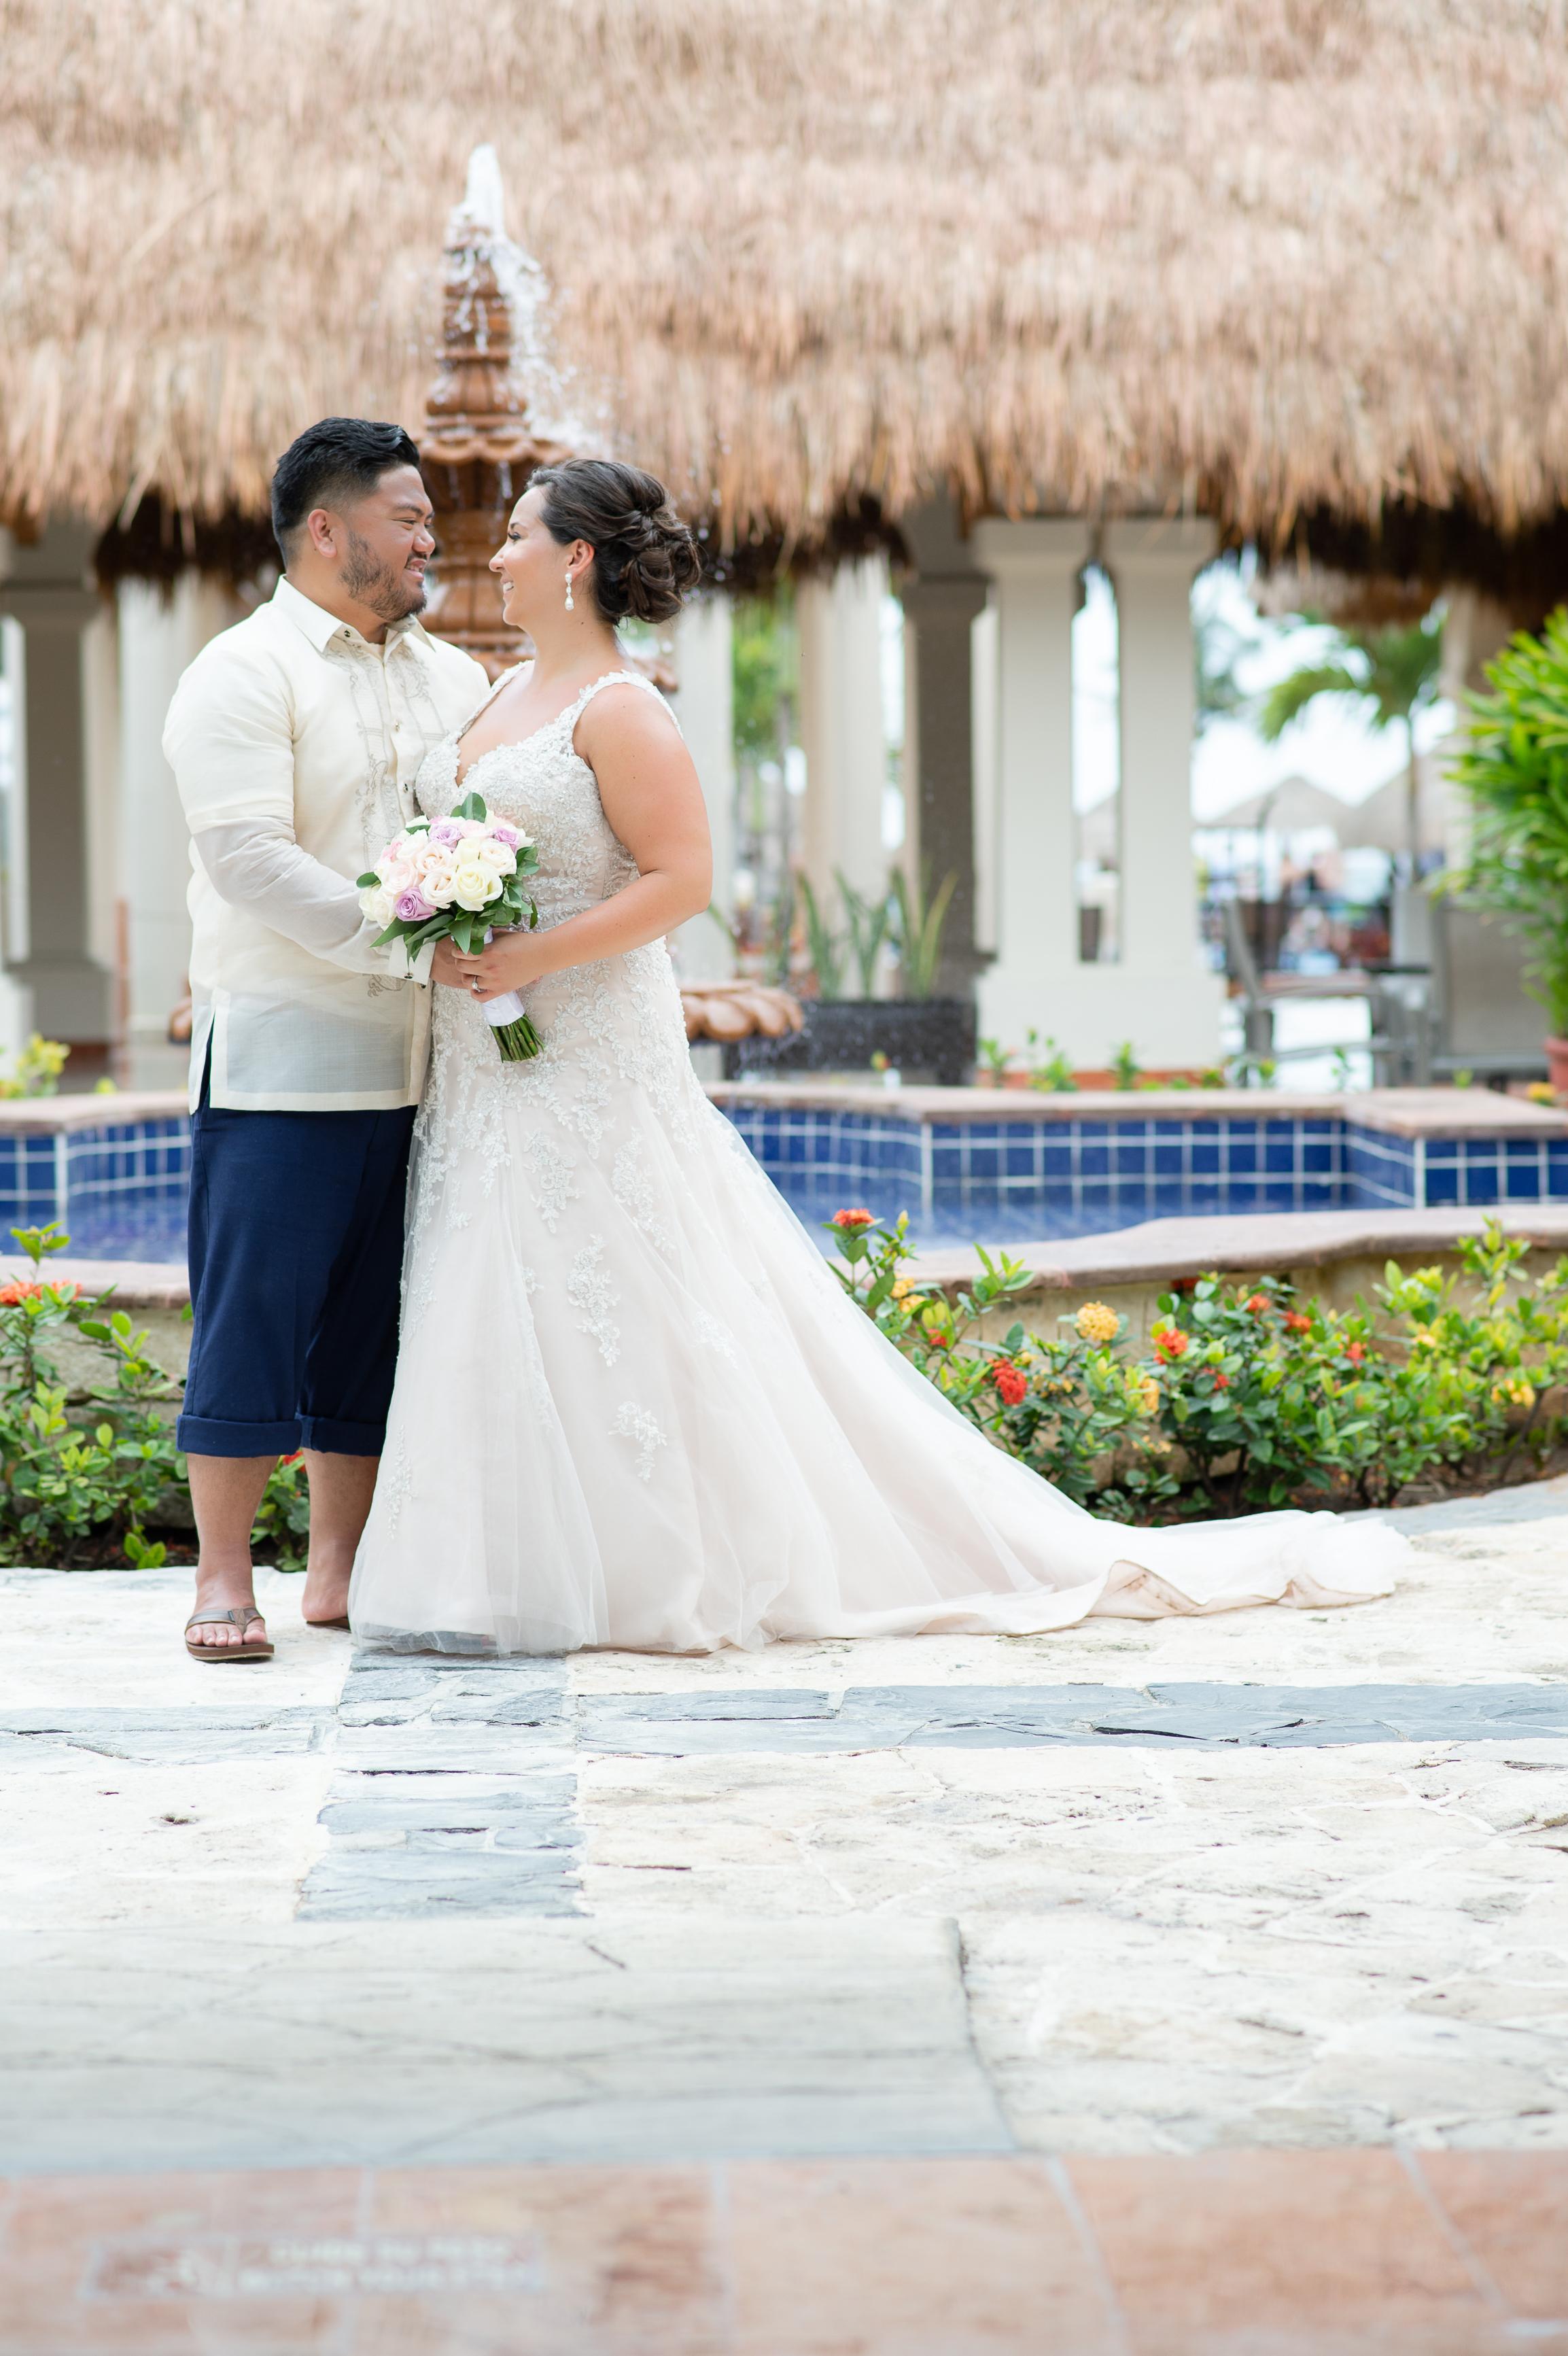 P&J_WeddingPartyPortraits-103 copy.jpg